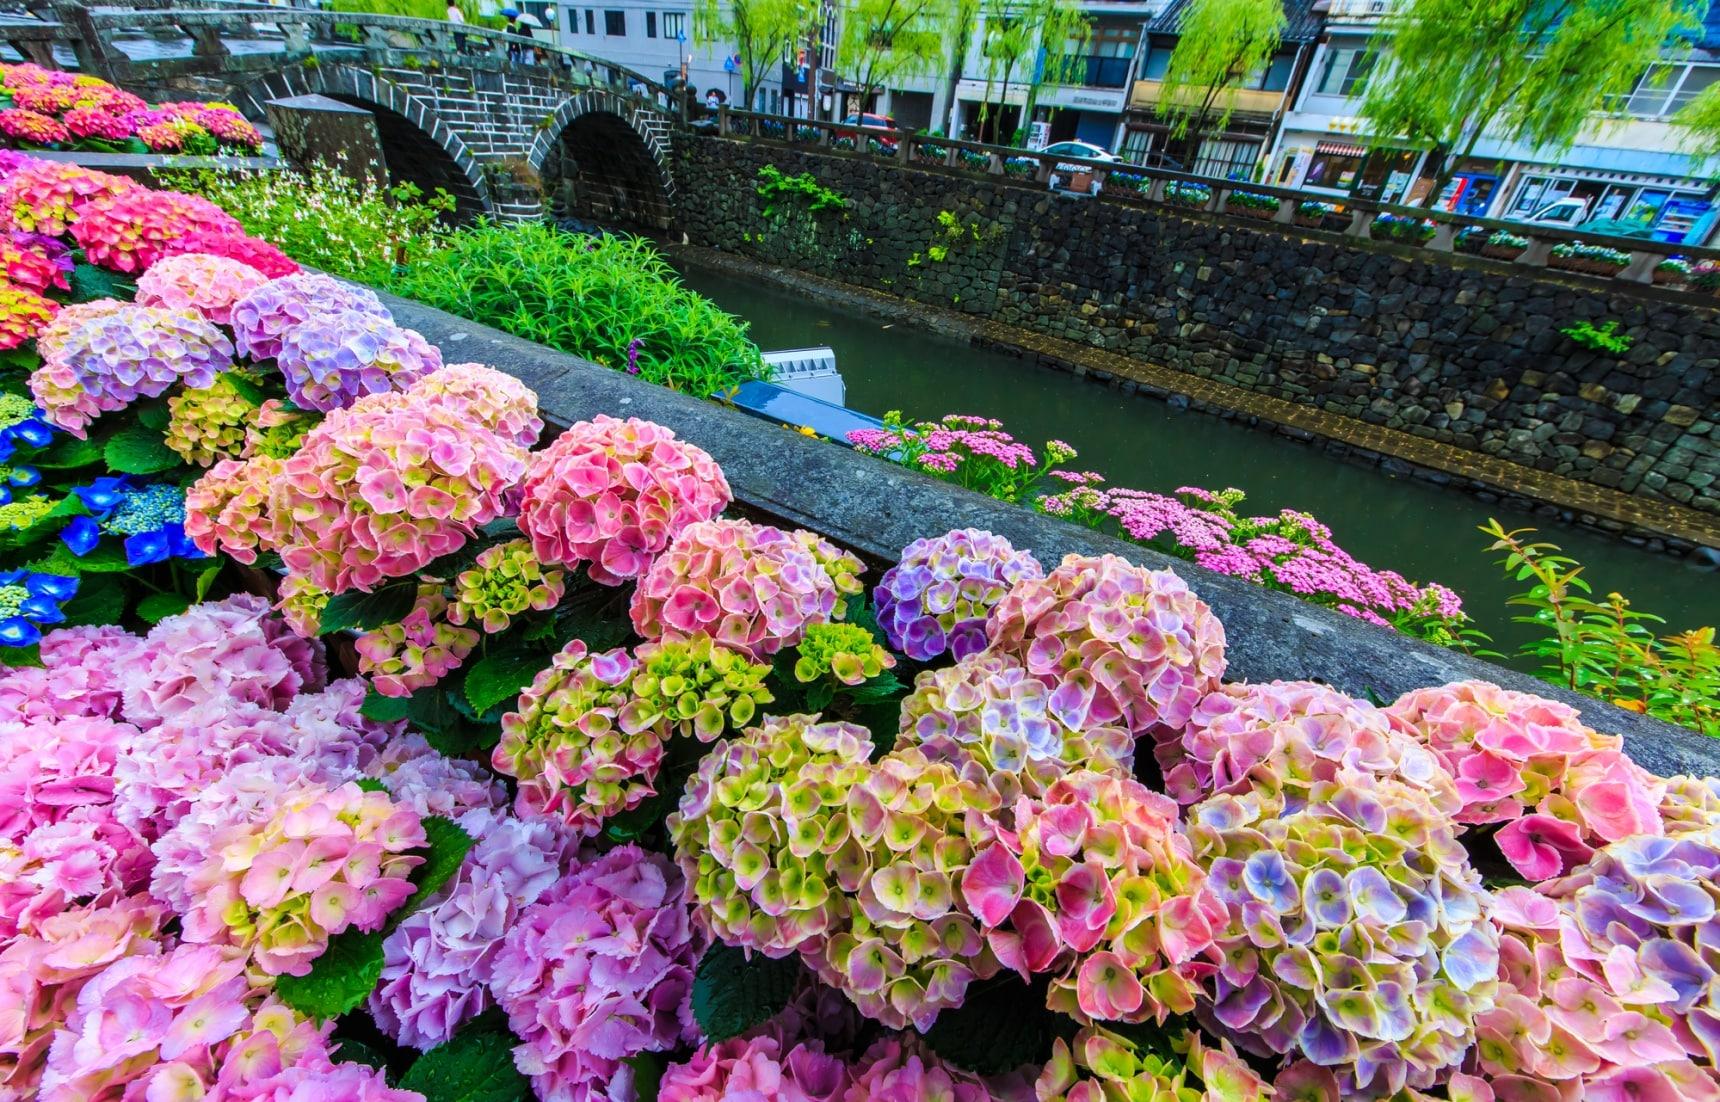 日本梅雨季限定!丟掉濕熱迎接繽紛的紫陽花